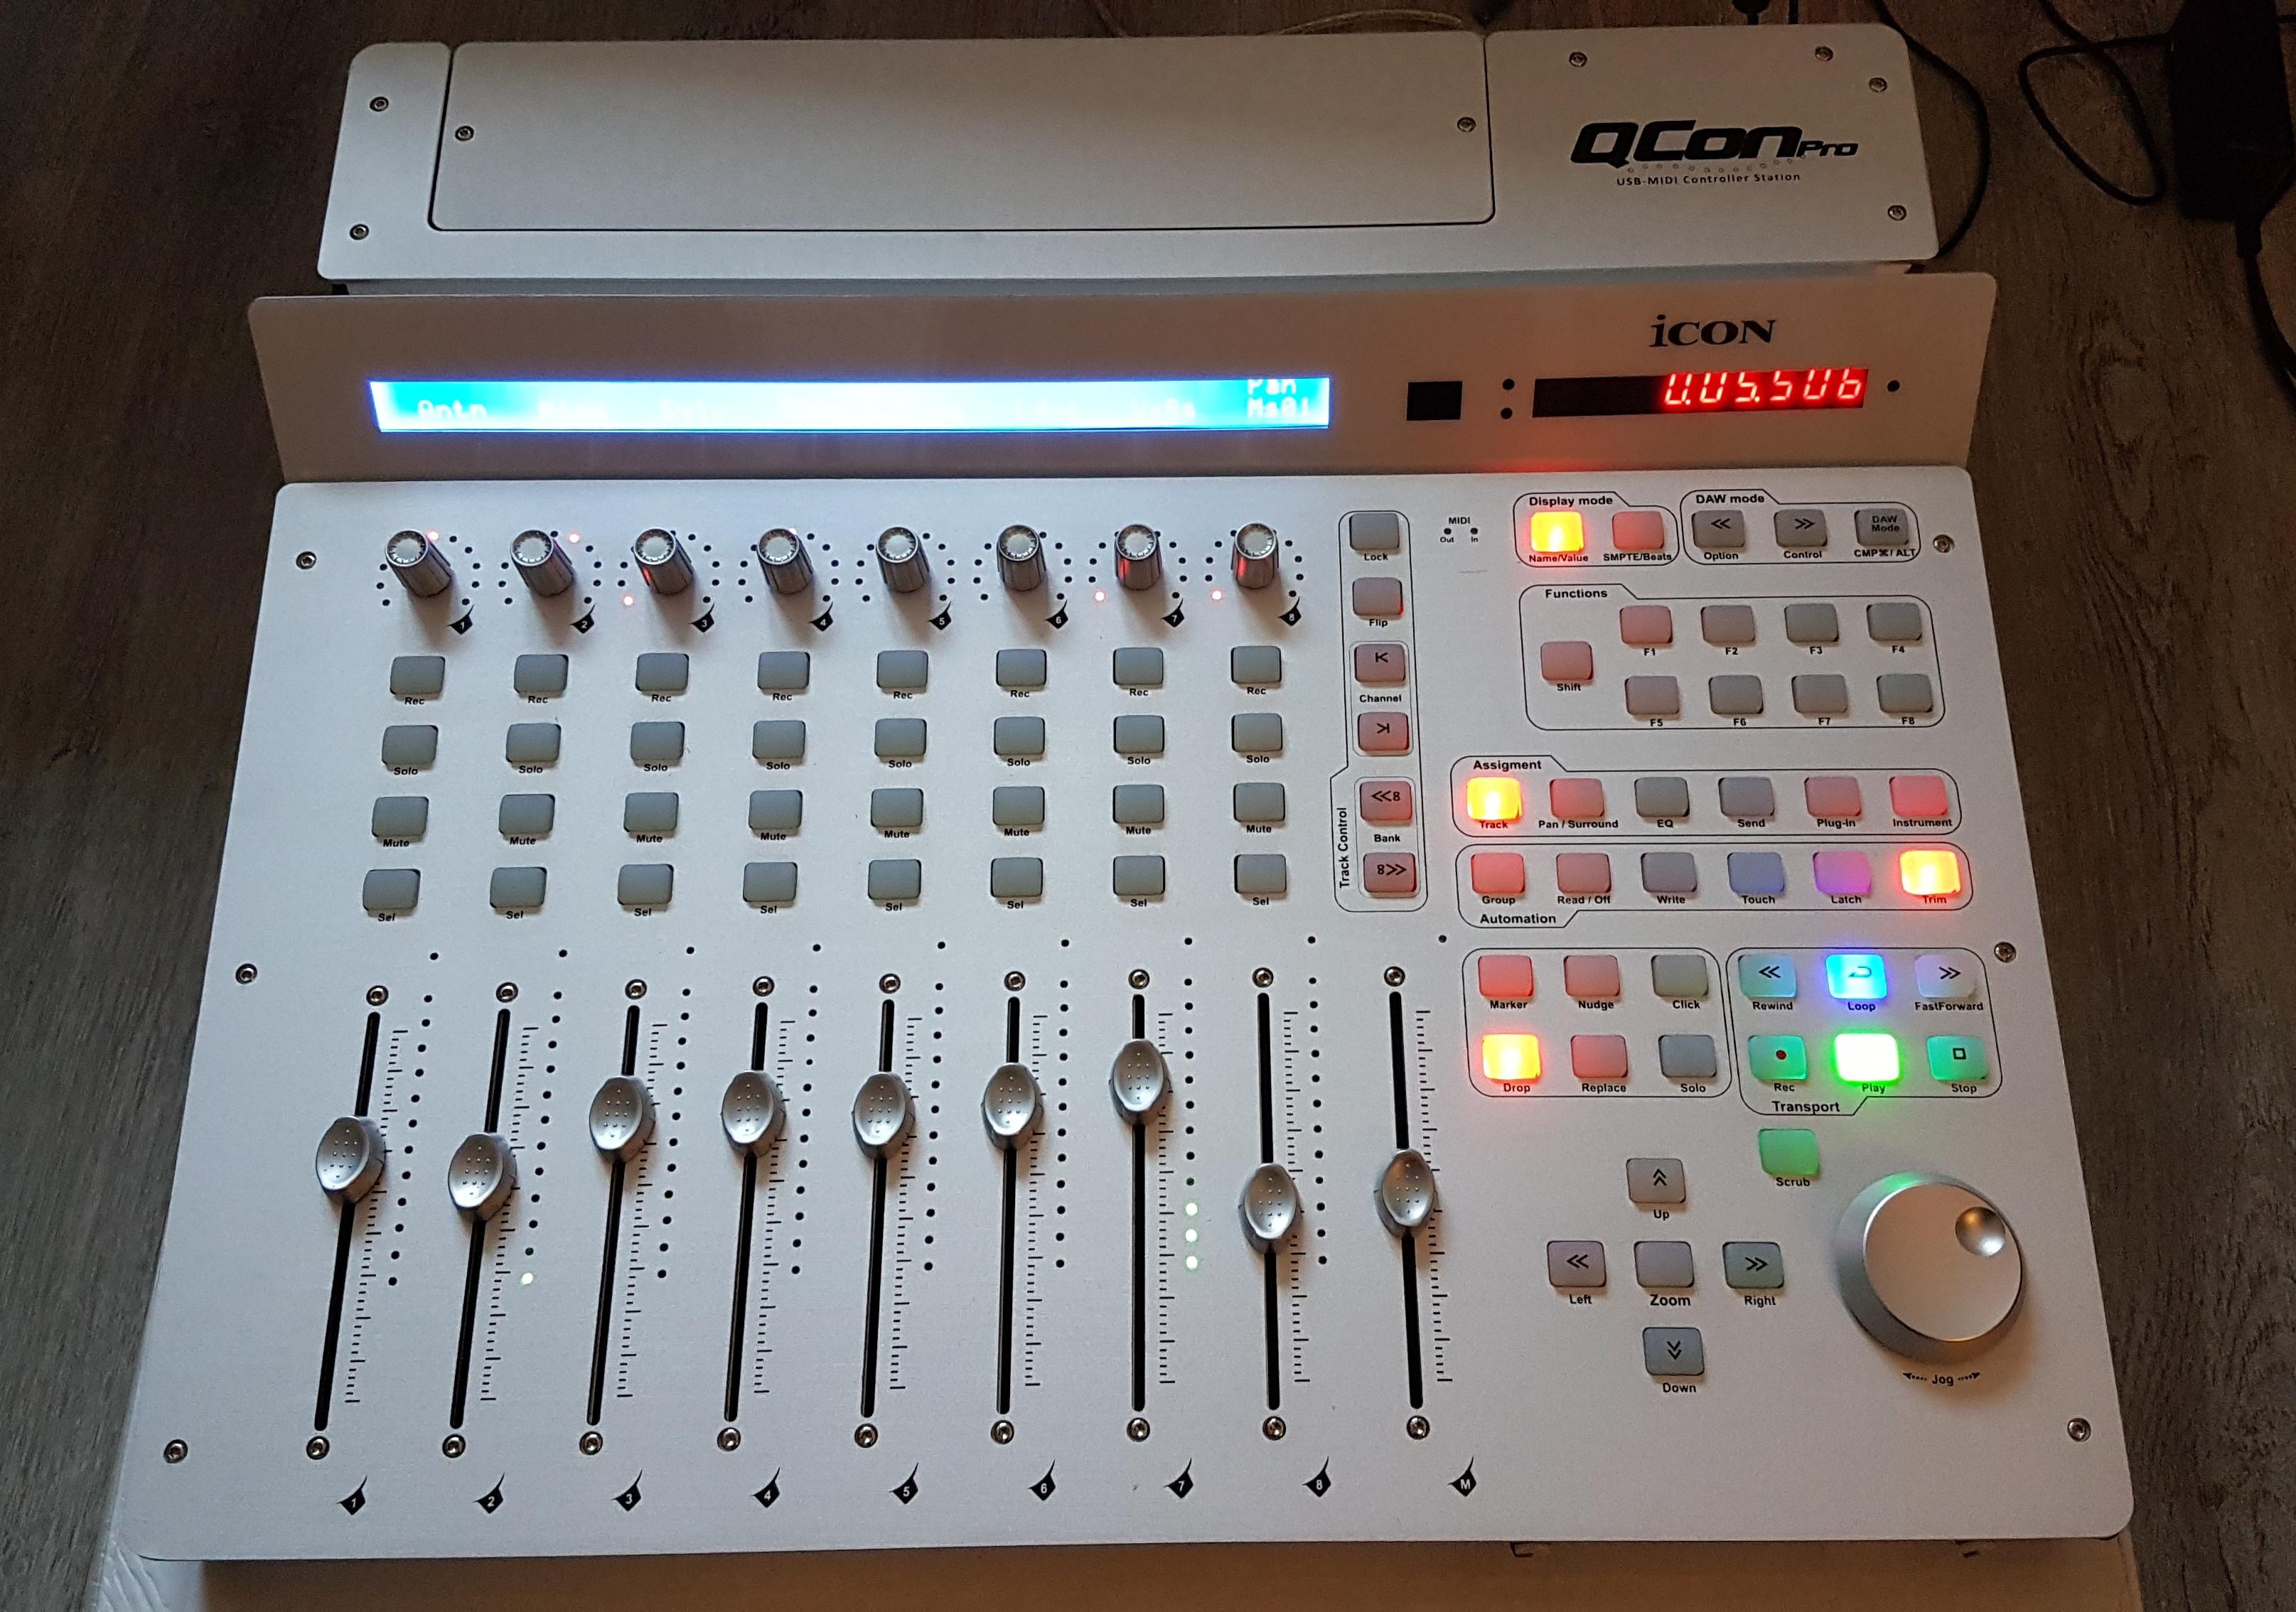 https://medias.audiofanzine.com/images/normal/icon-qcon-pro-2278321.jpeg